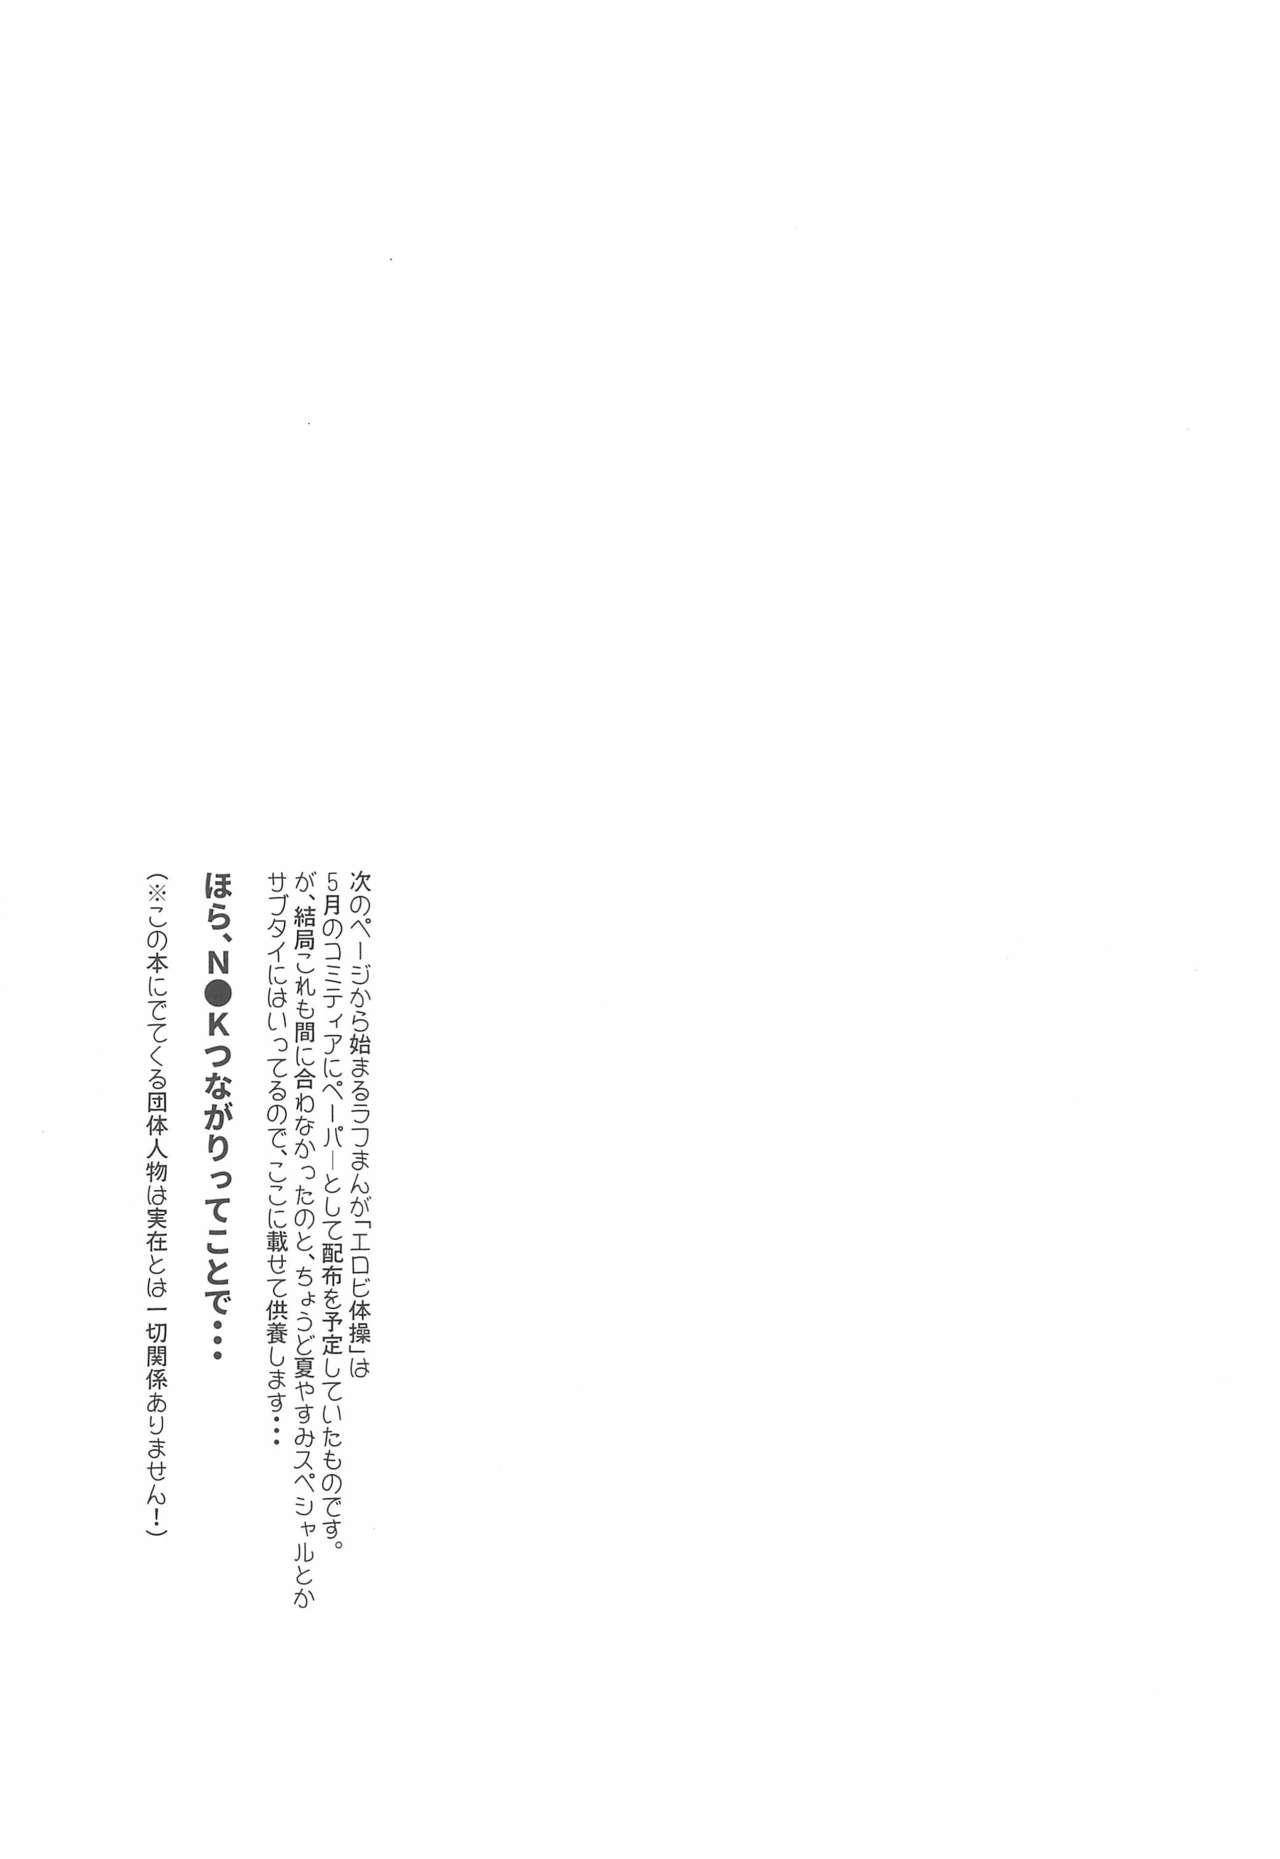 (C96) [Wancho-ke (Wancho)] Chisha-chan ni Shikarareru! Imouto wa Minna Onii-chan ga Daisuki! 5.55 17